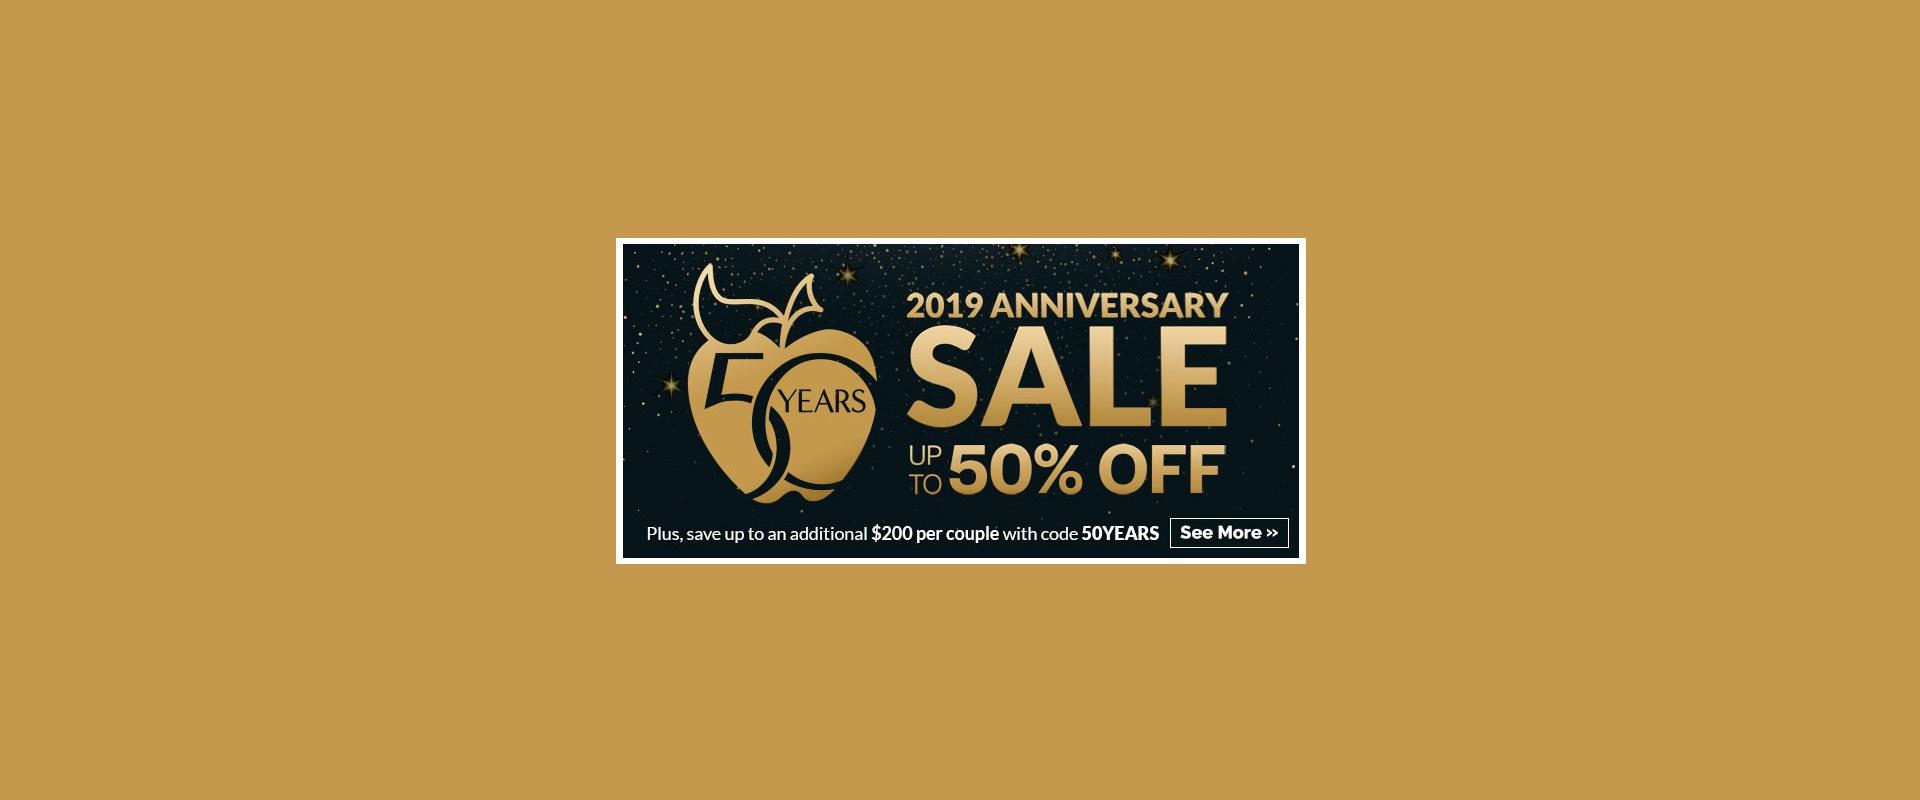 50-Anniversary-Sale-Header